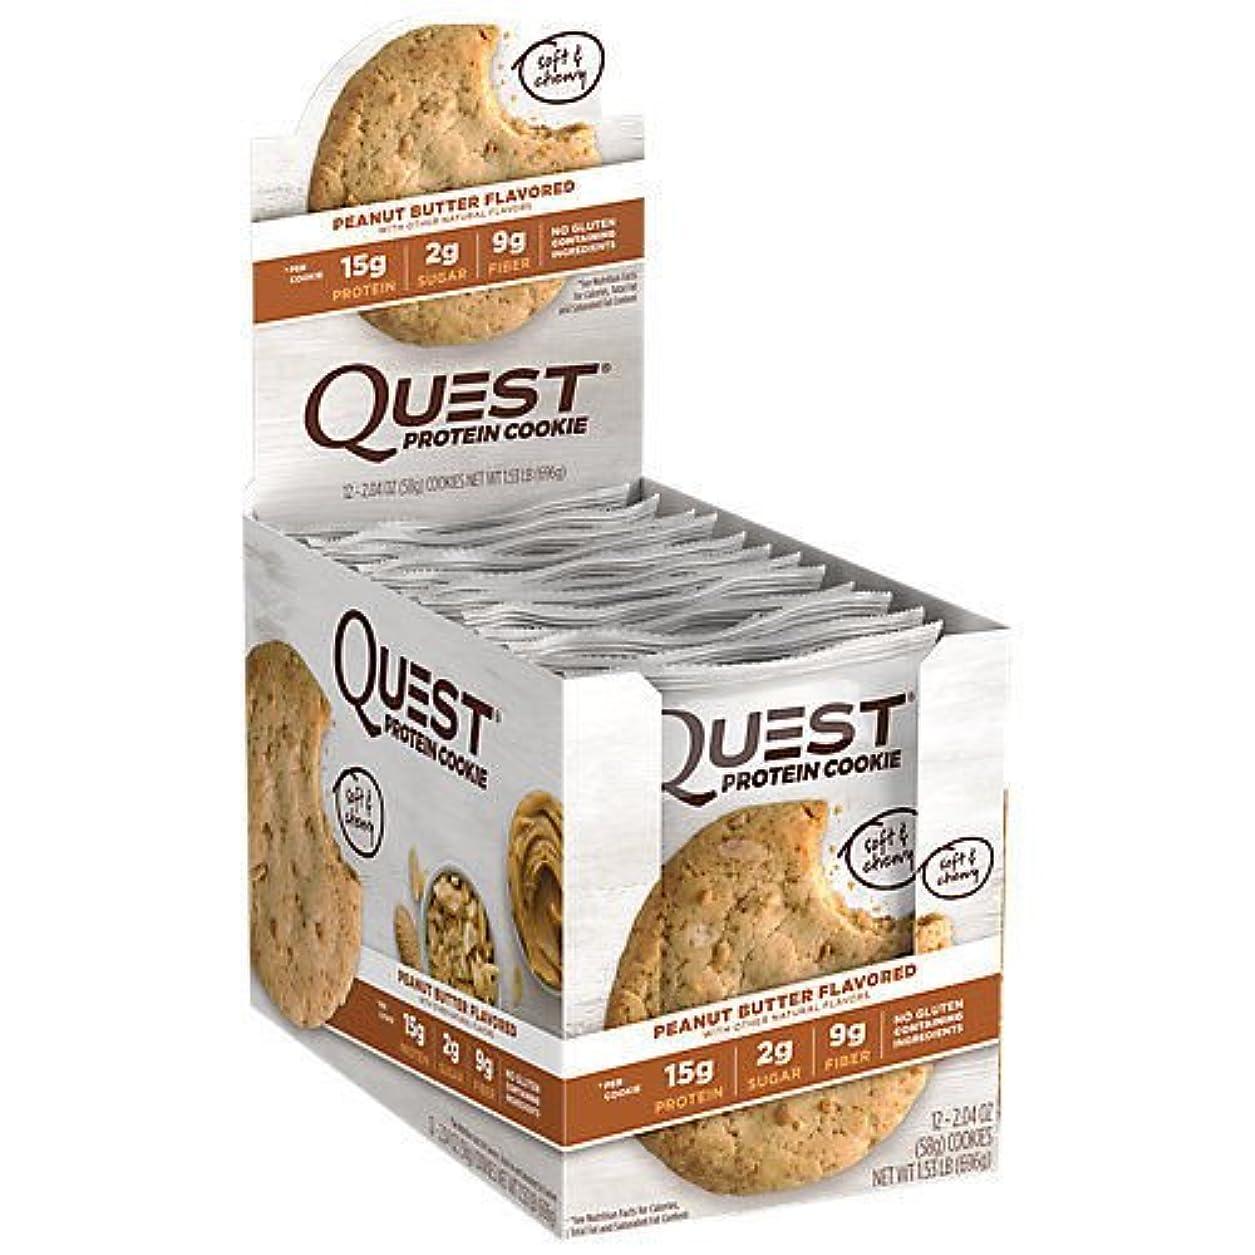 レモンイタリック無駄にQuest Nutrition(クエストニュートリション), プロテインクッキー Peanut Butter 12 Cookies 海外直送品 並行輸入